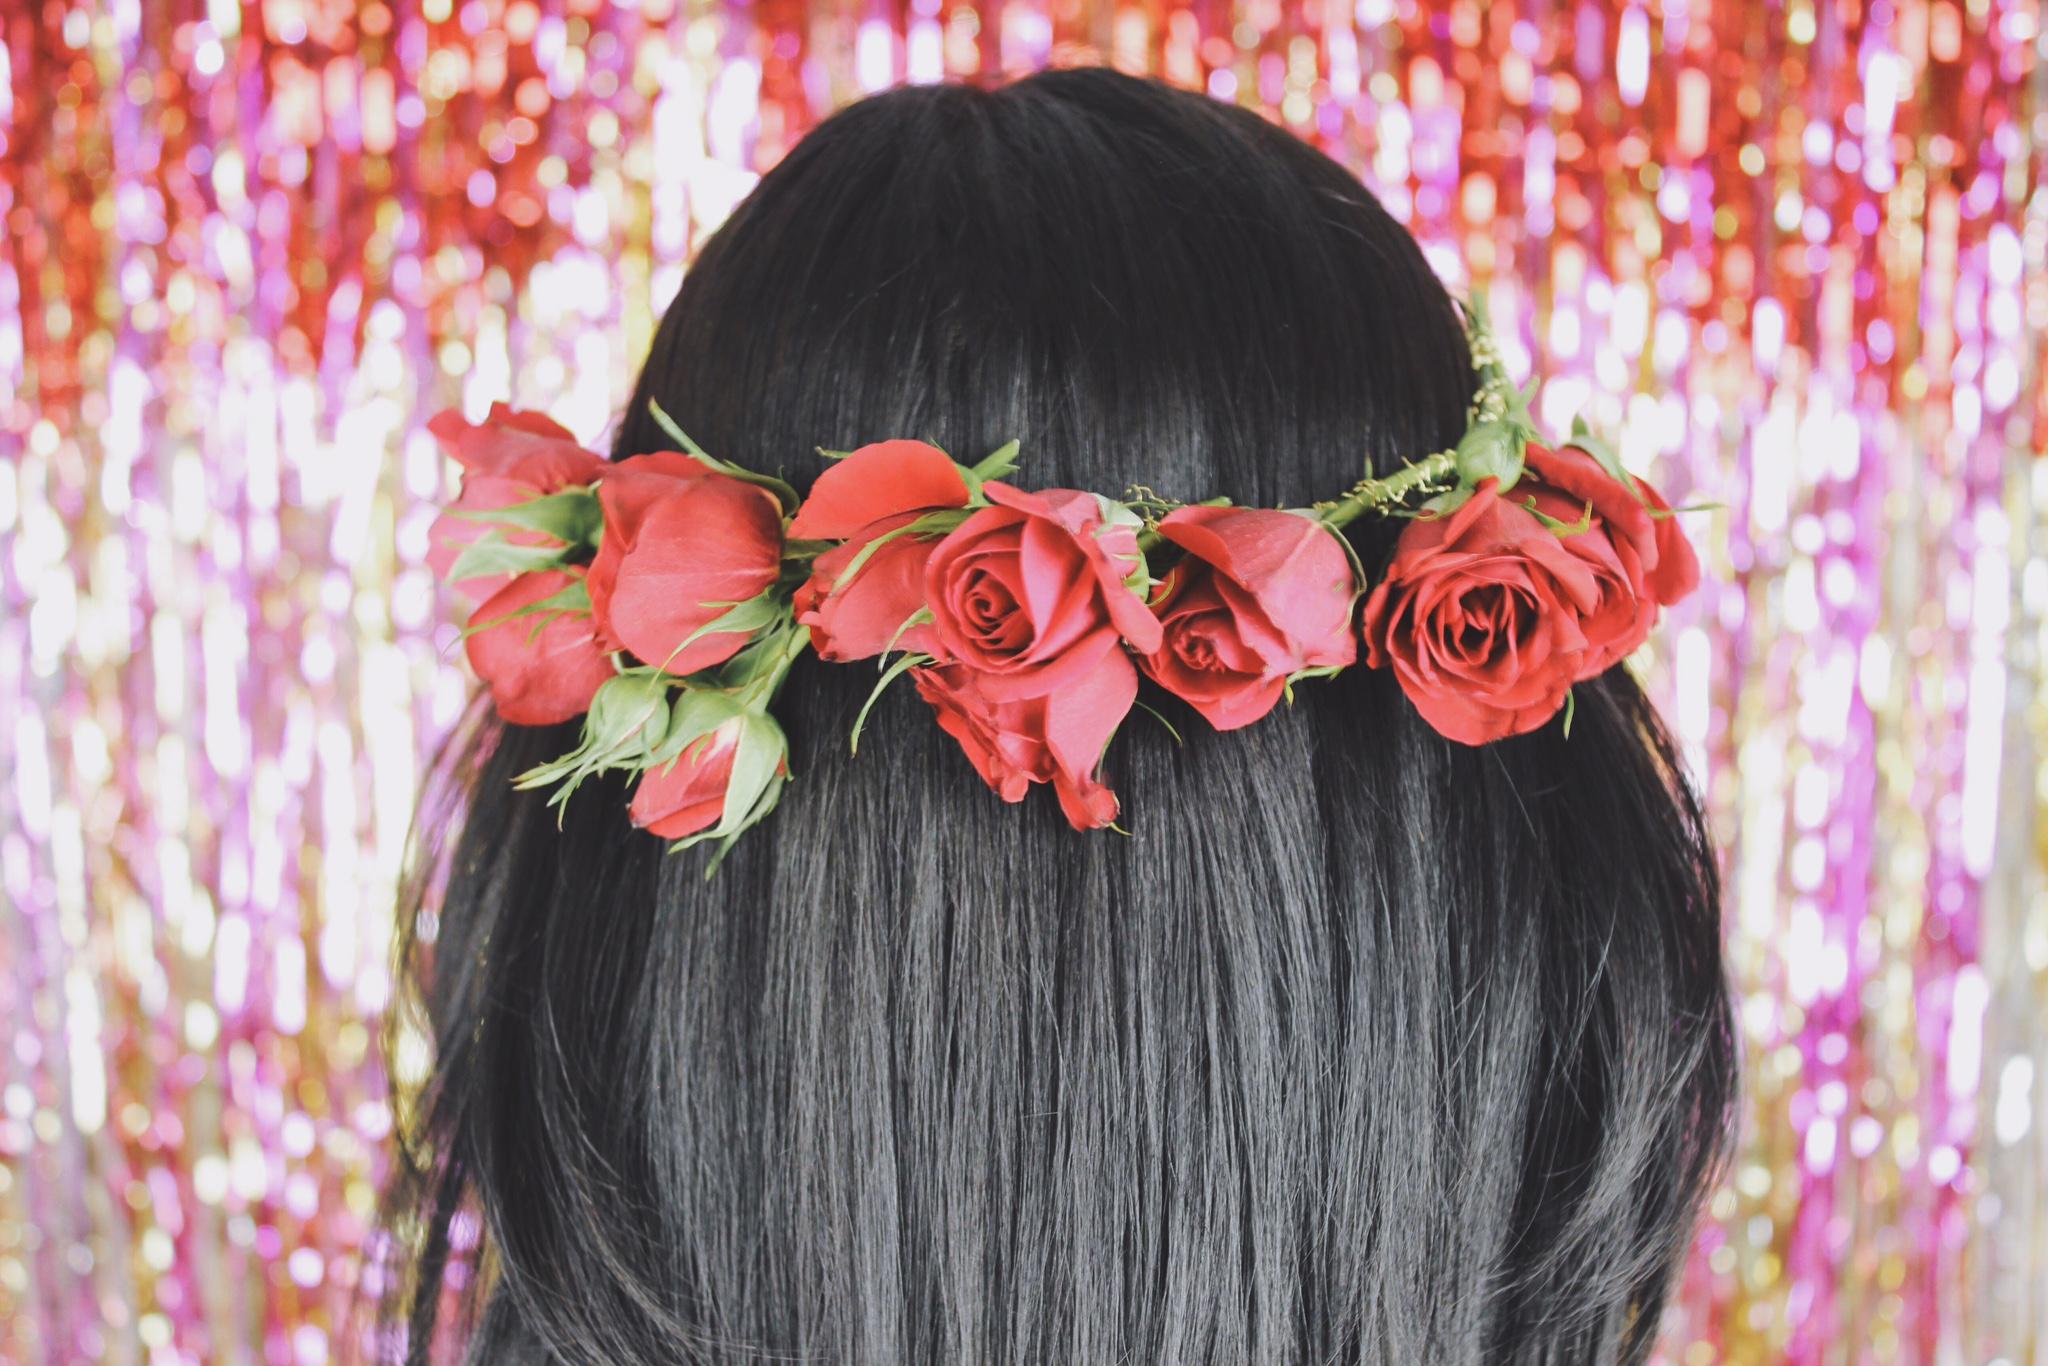 Baby-Rose-Crown-16-B.jpeg